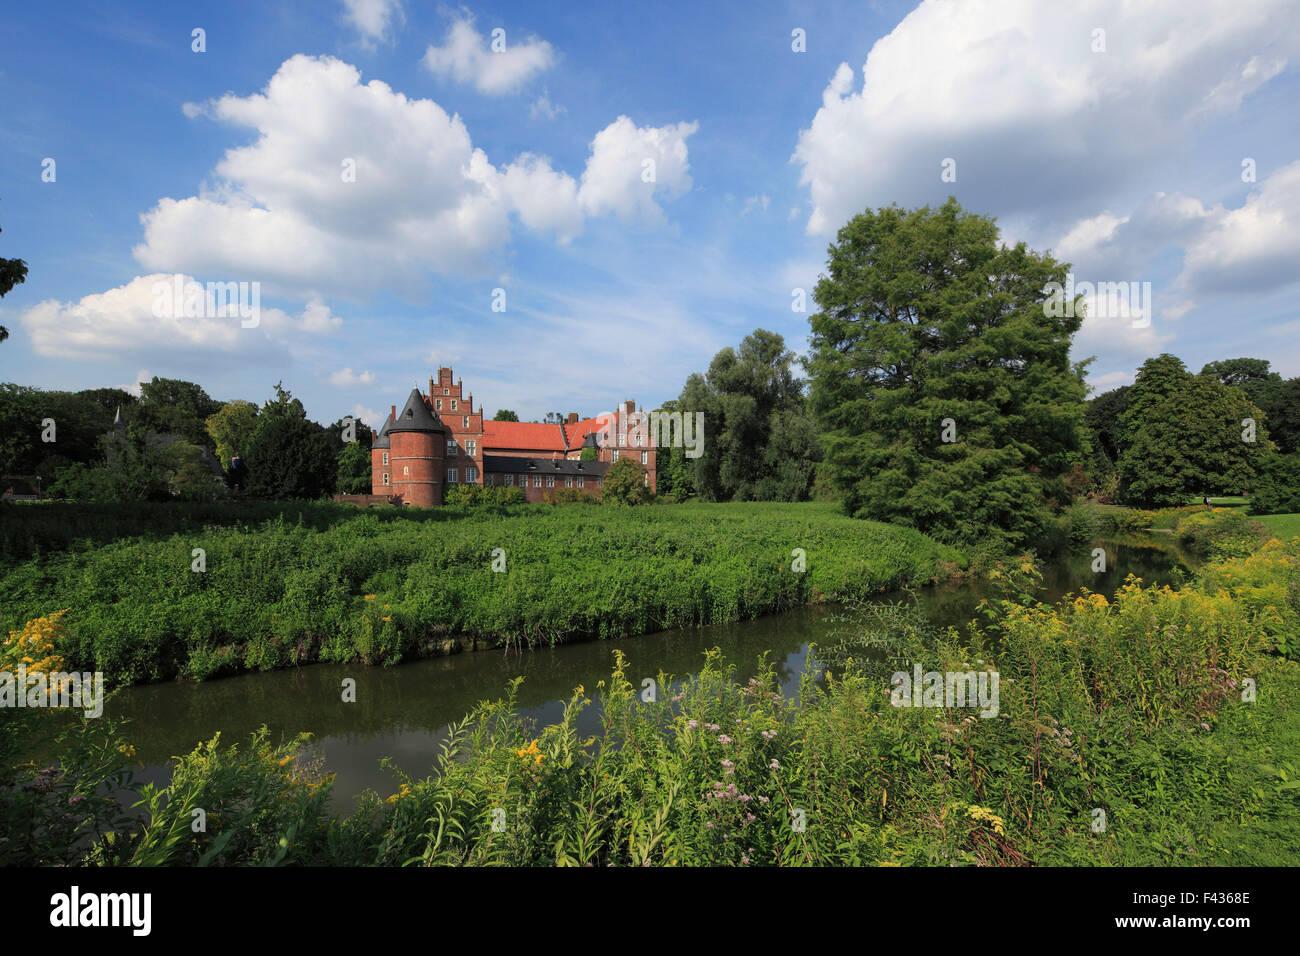 Englischer Landschaftsgarten, Schlosspark und Wasserschloss Herten, Ruhrgebiet, Nordrhein-Westfalen, im Schloss Stock Photo